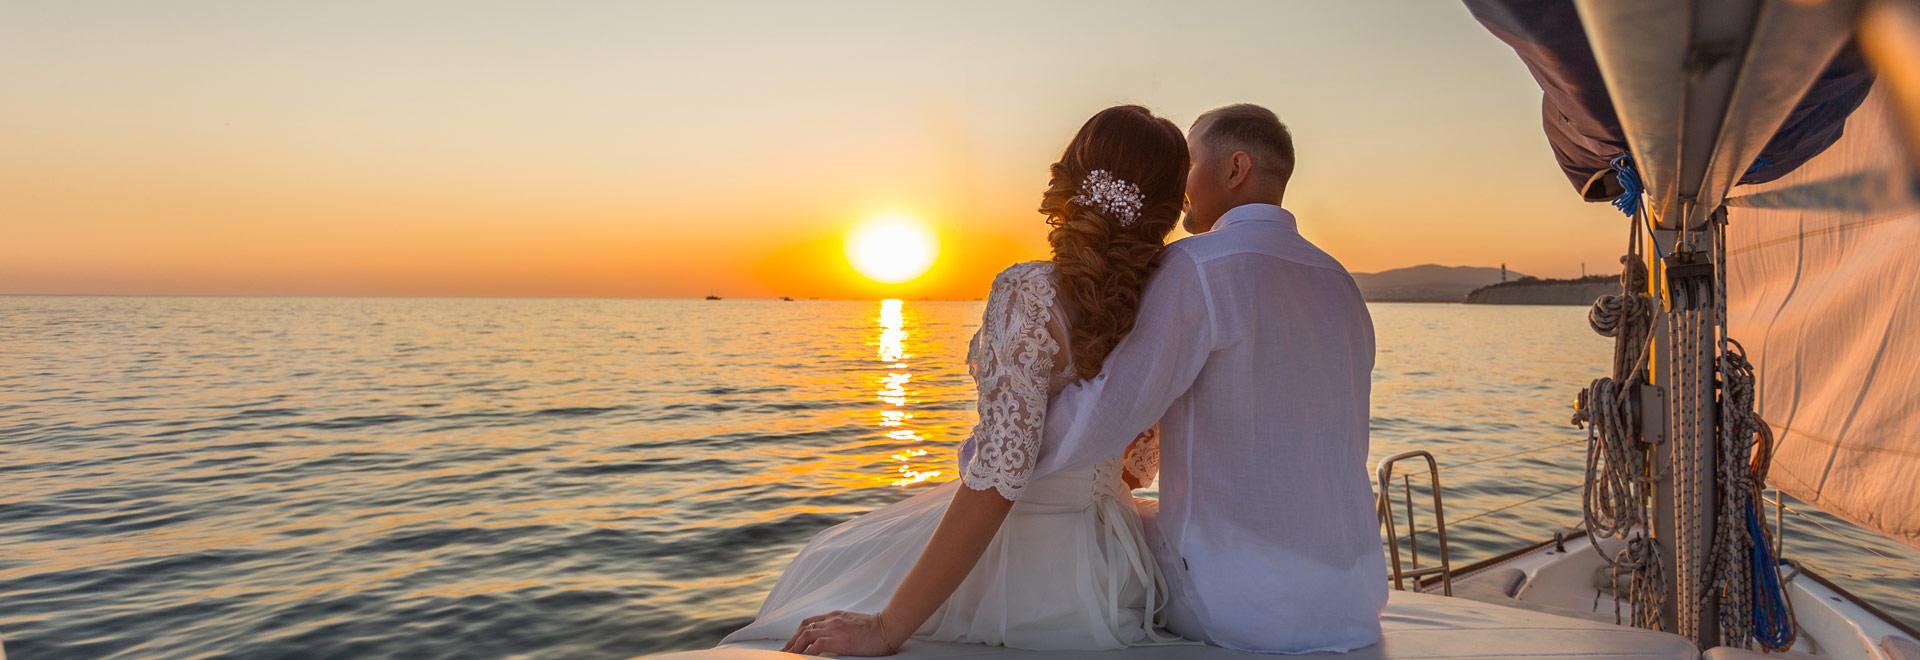 Brautpaar sitzt auf Vordeck der Segelyacht und beobachtet den Sonnenuntergang